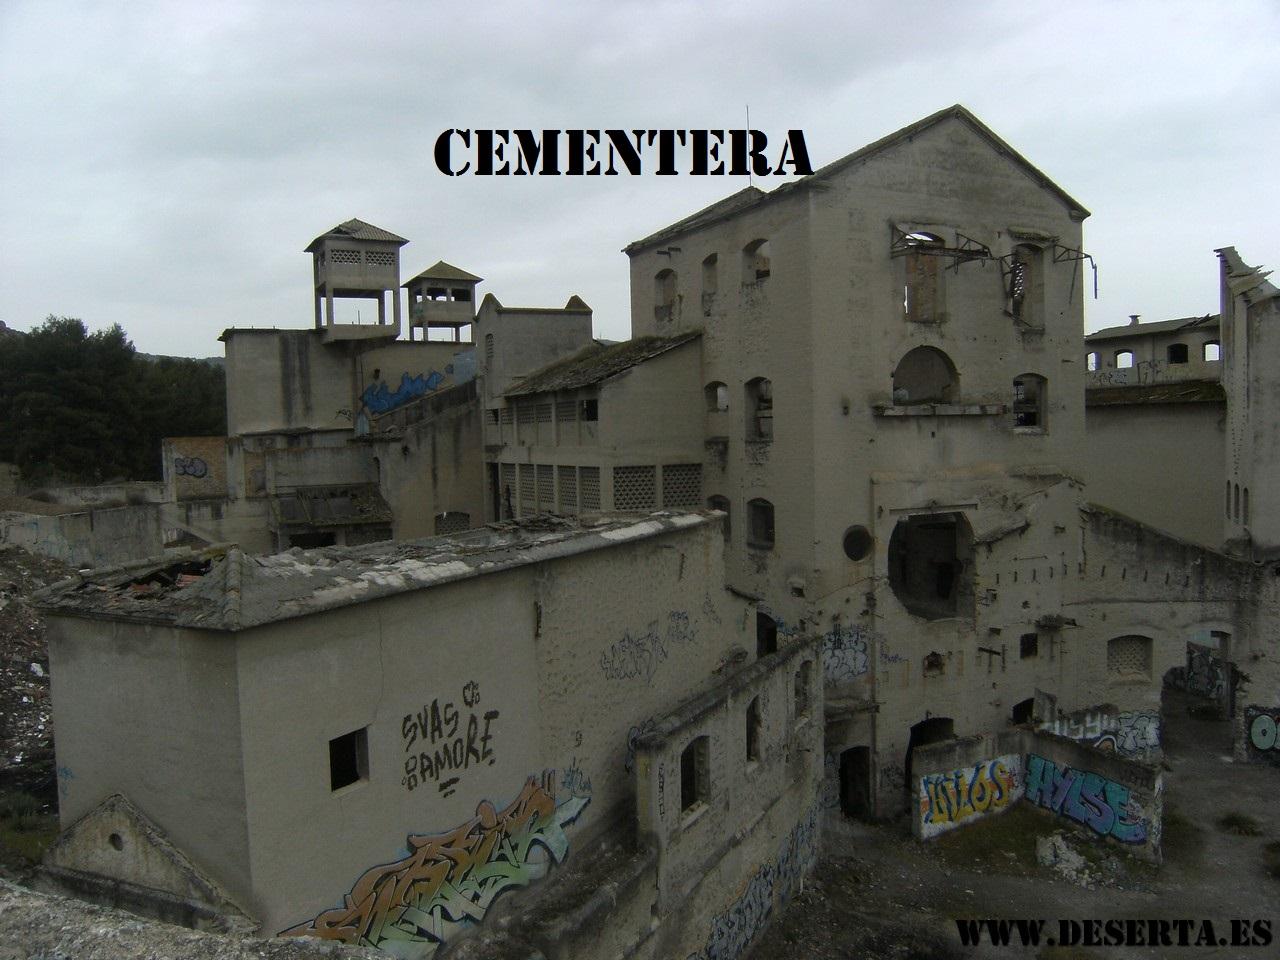 Cementera